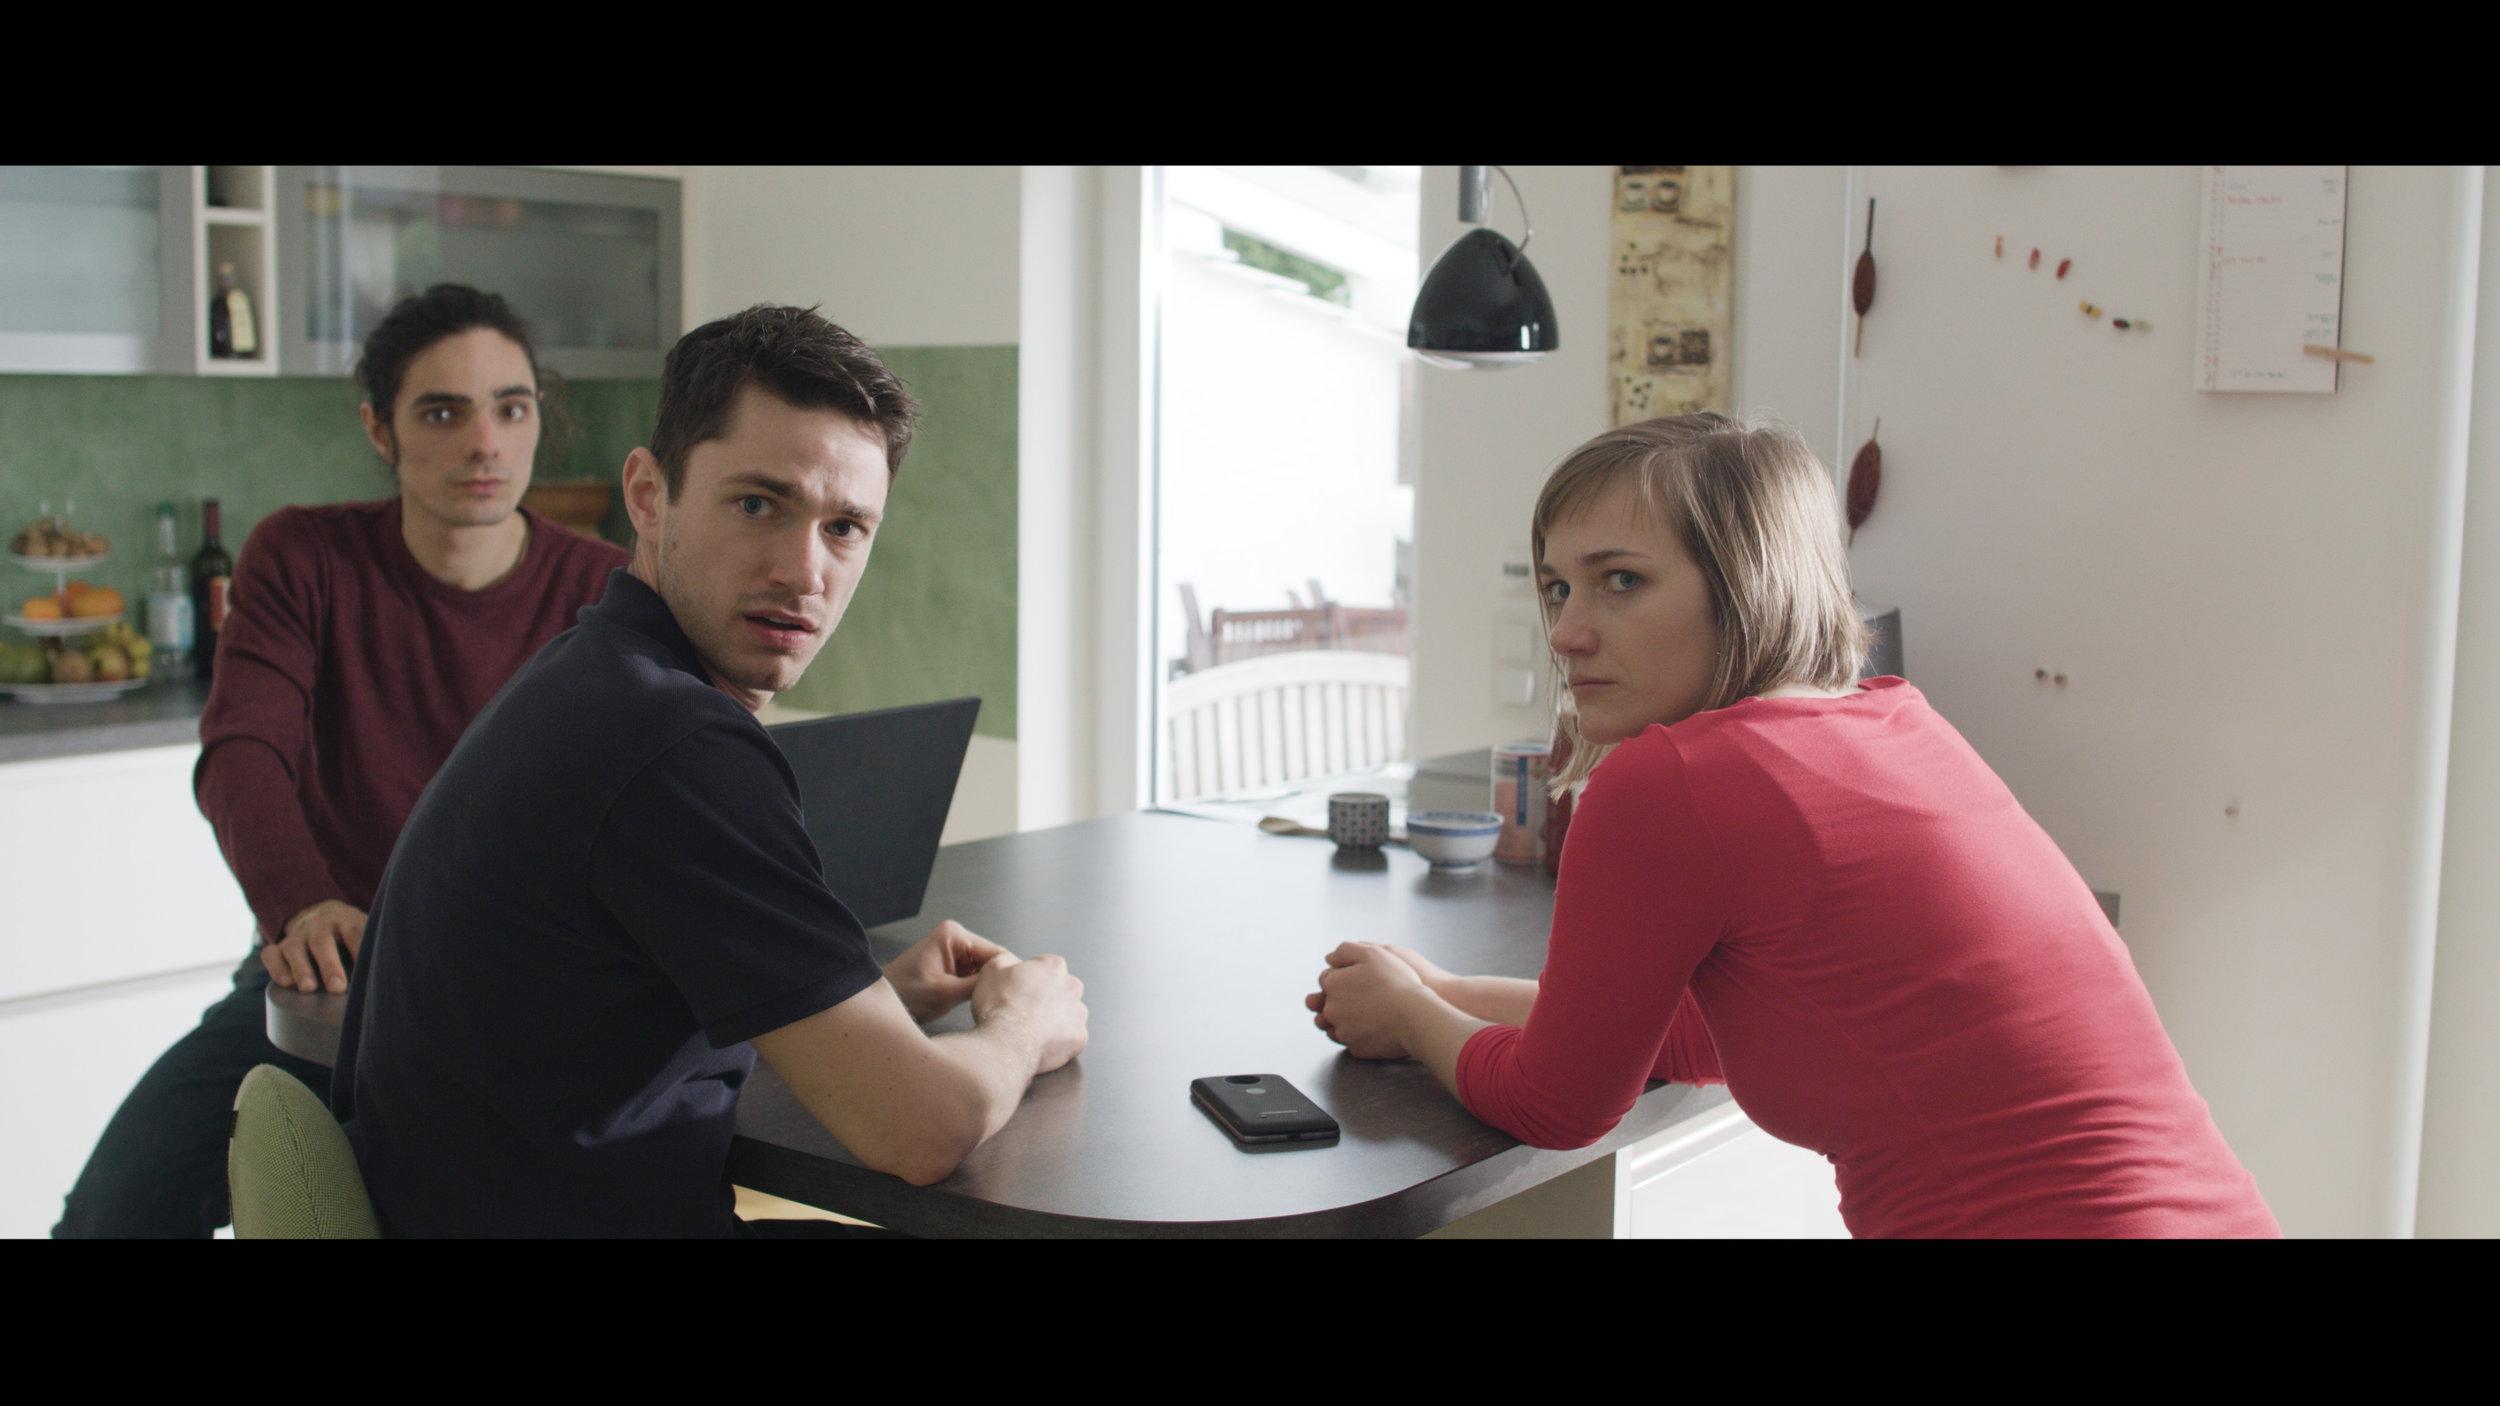 Die Augen der Anderen | Film  Director: Joschua Kessler  |  DOP: Georg Gilstein  |  Gaffer: Julian Zalac